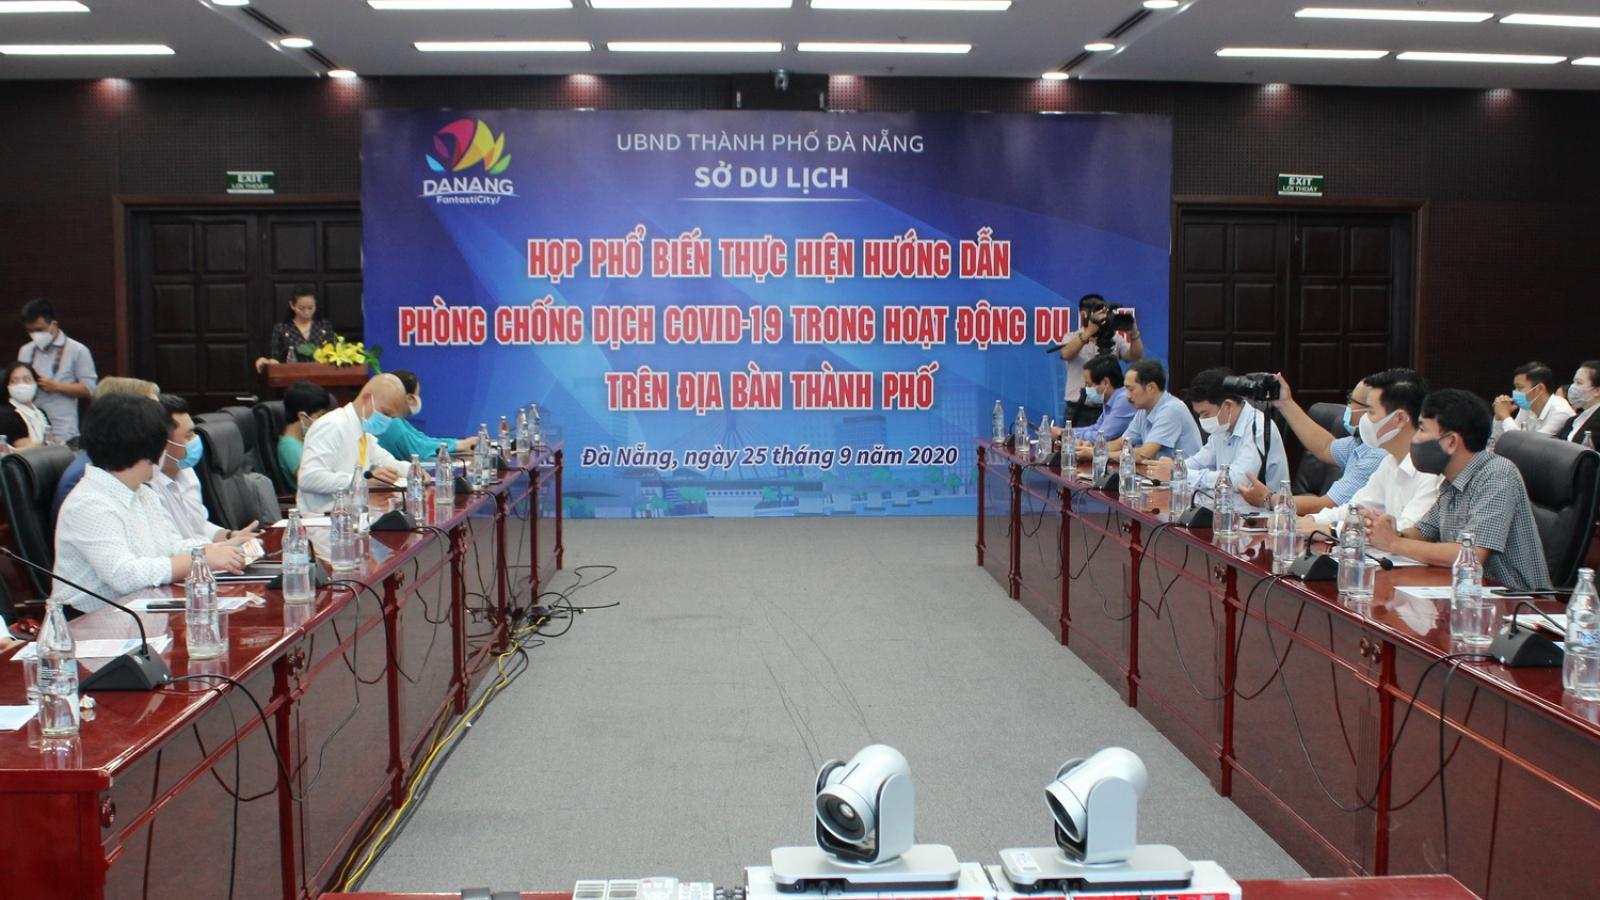 Ngày đầu tiên chuyển trạng thái hoạt động bình thường tại Đà Nẵng